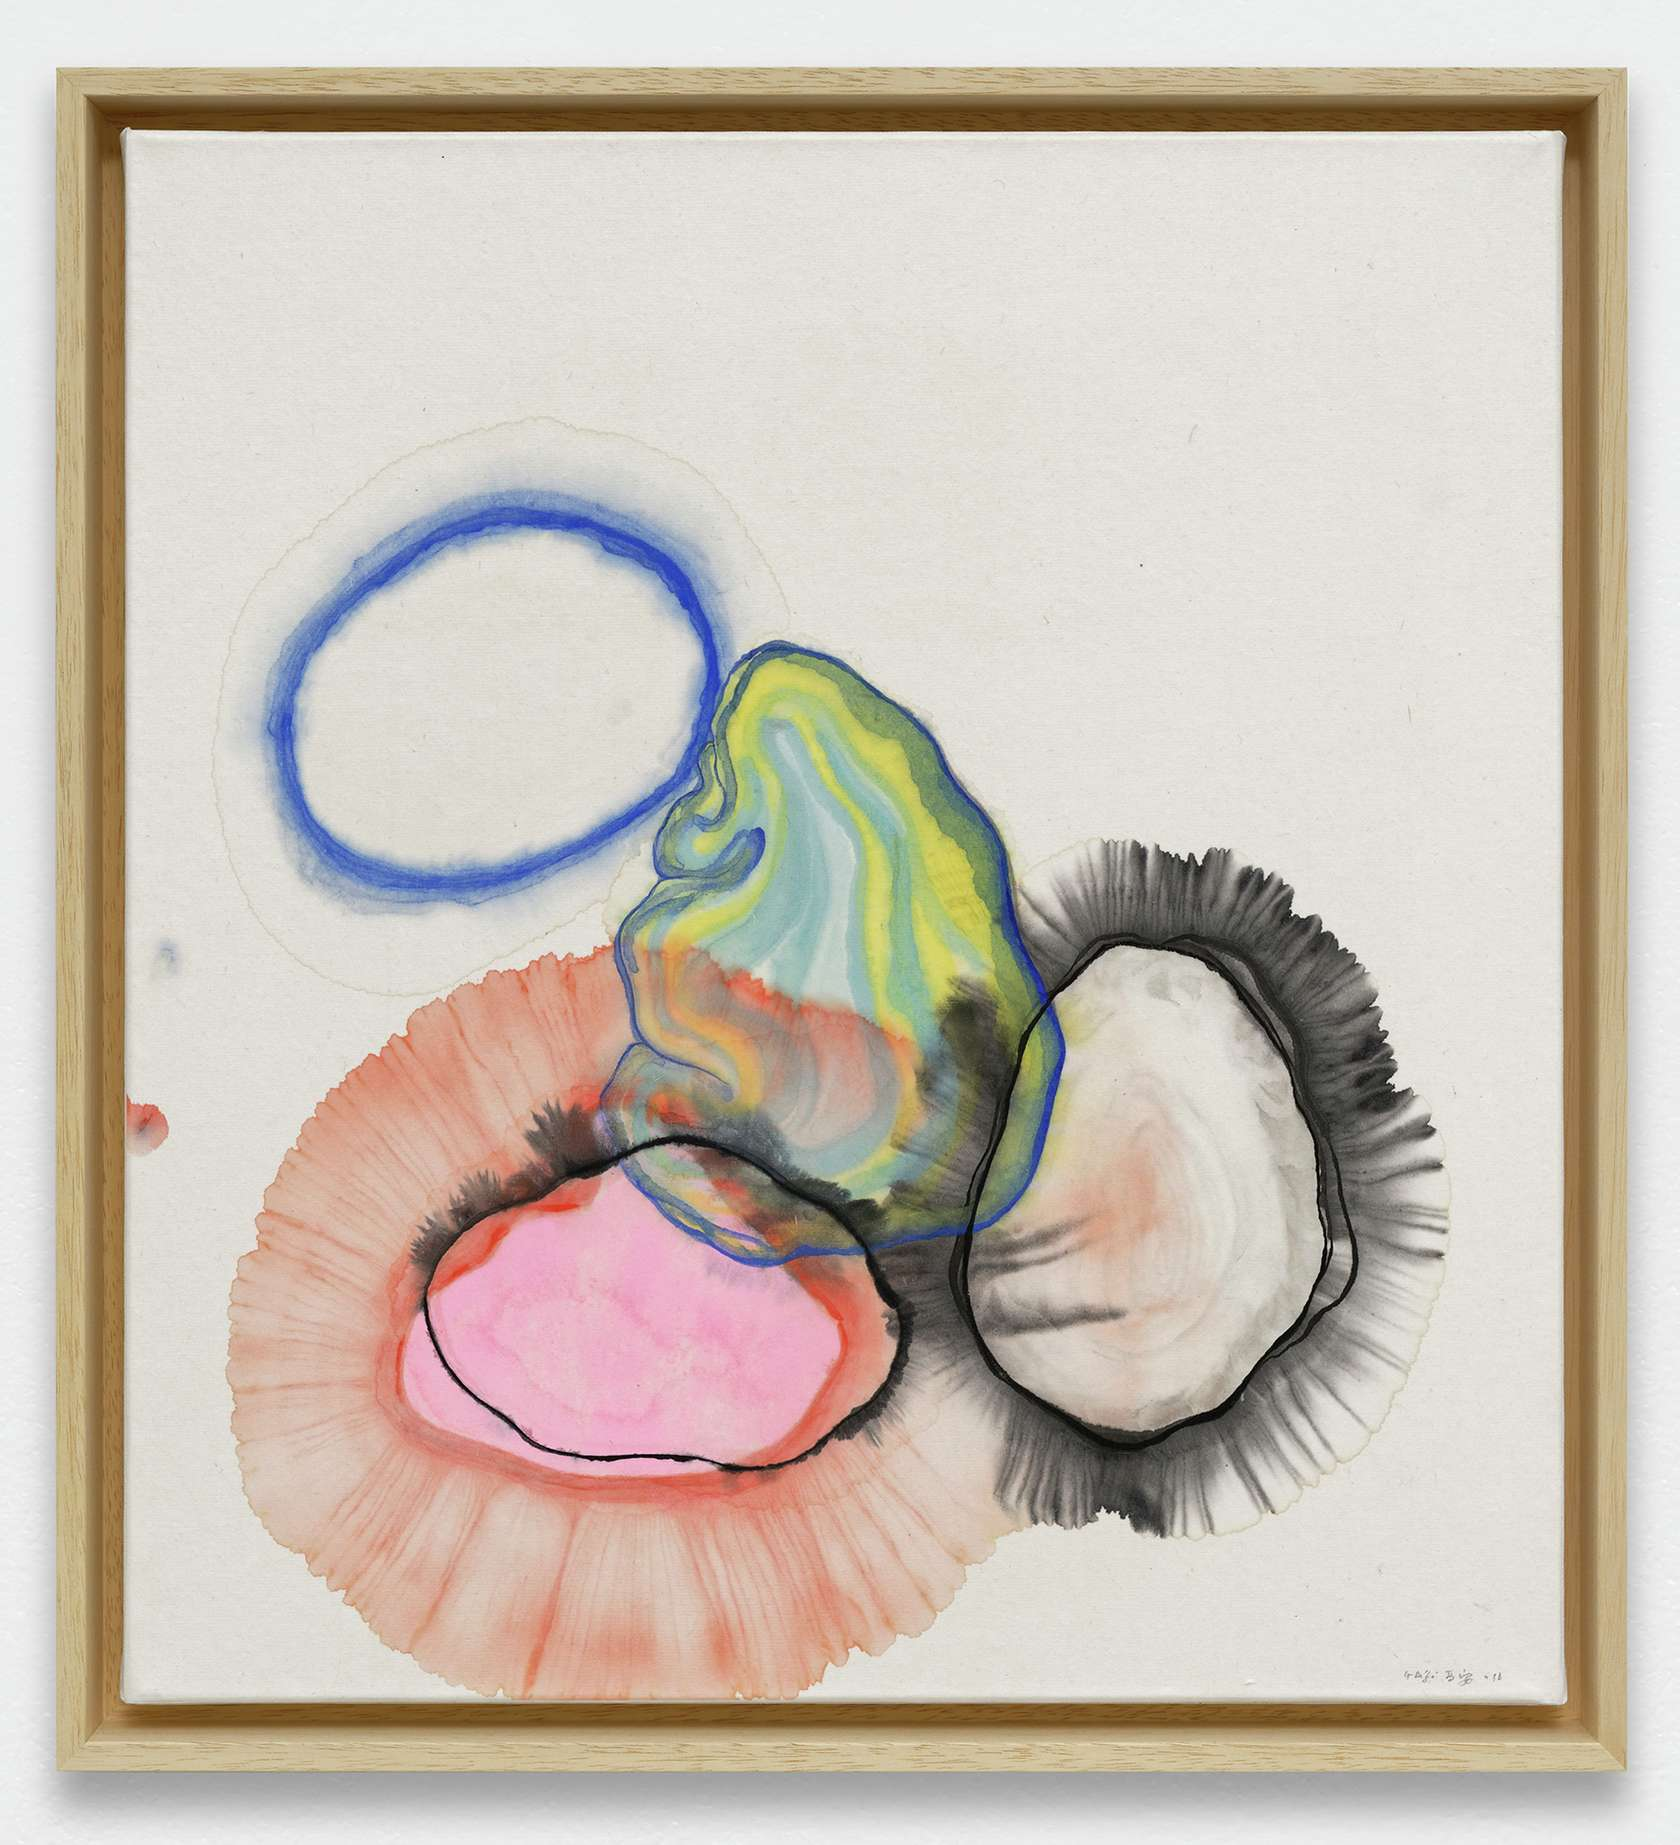 Guillaume Dégé, Un grain de moutarde, 2019 Gouache sur papier chinois marouflé sur toile47.5 × 43.5 cm / 18 6/8 × 17 1/8 in.